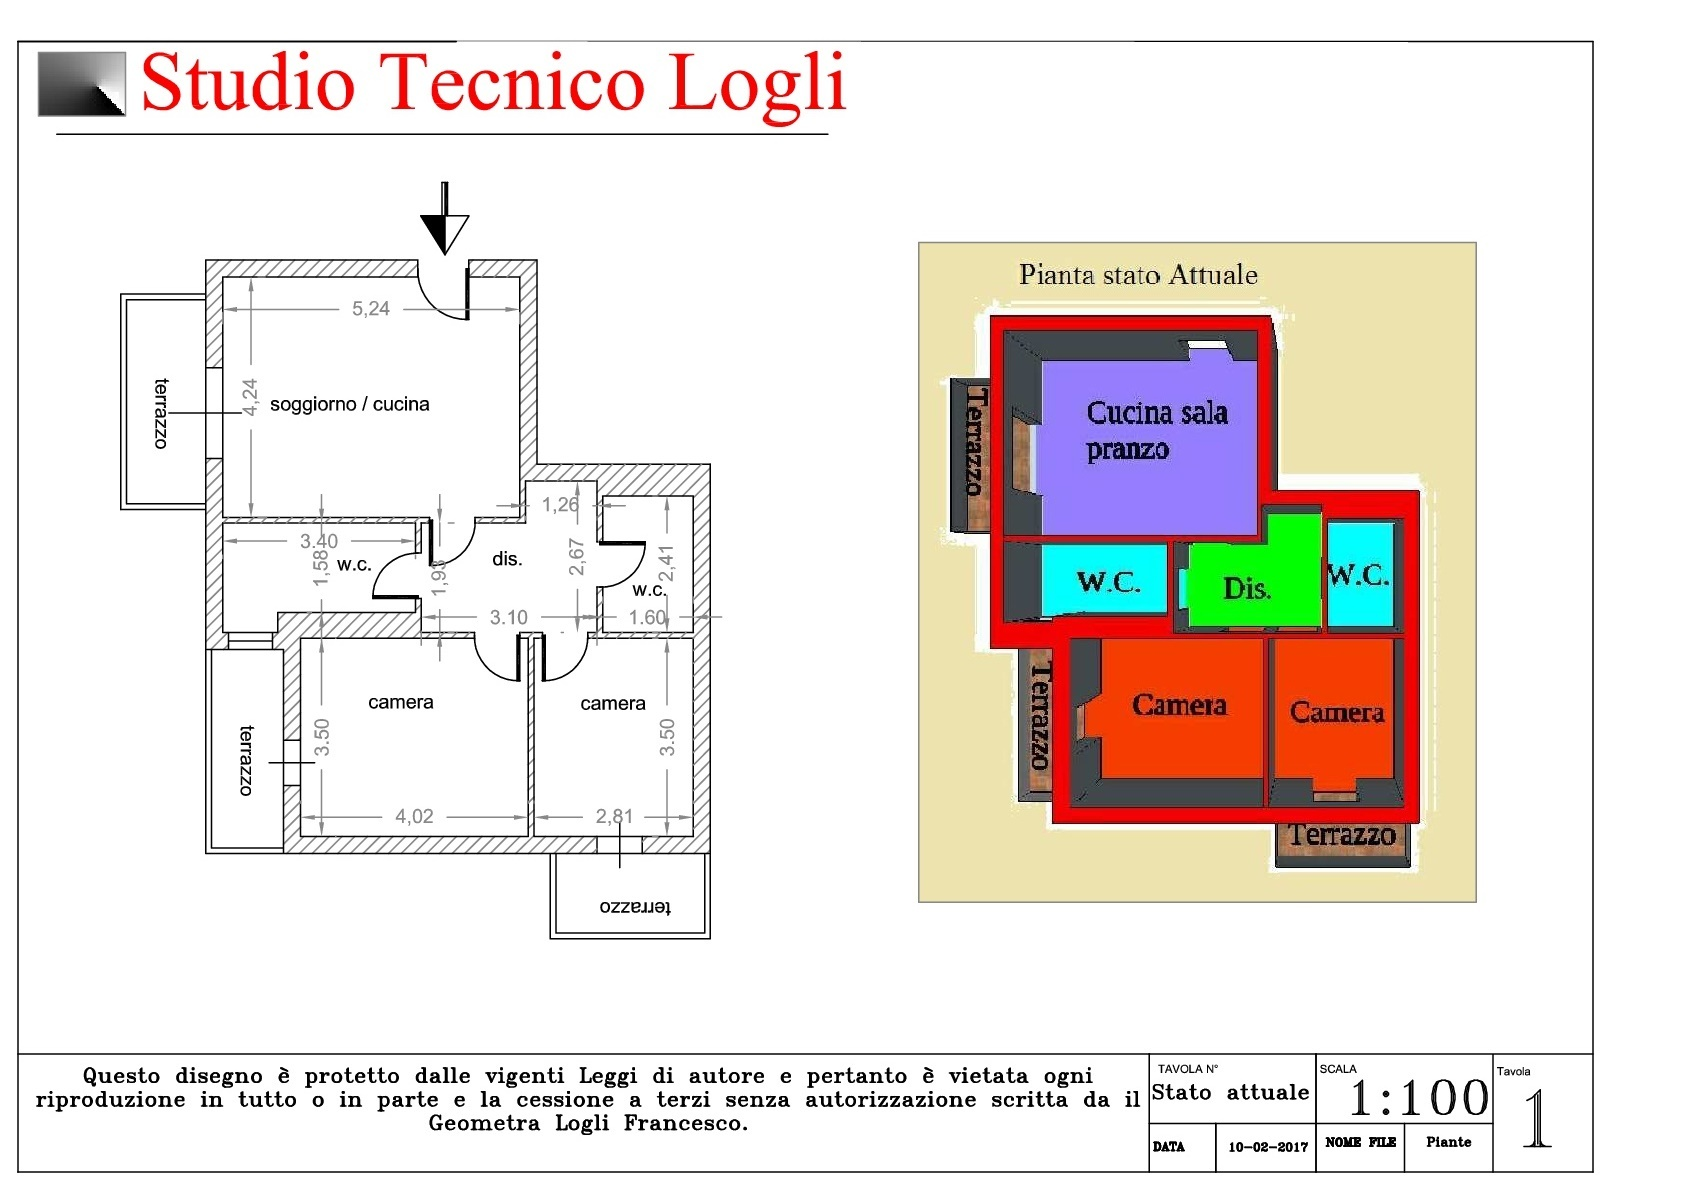 Progetto large ikea progettonline for Progetto arredamento online